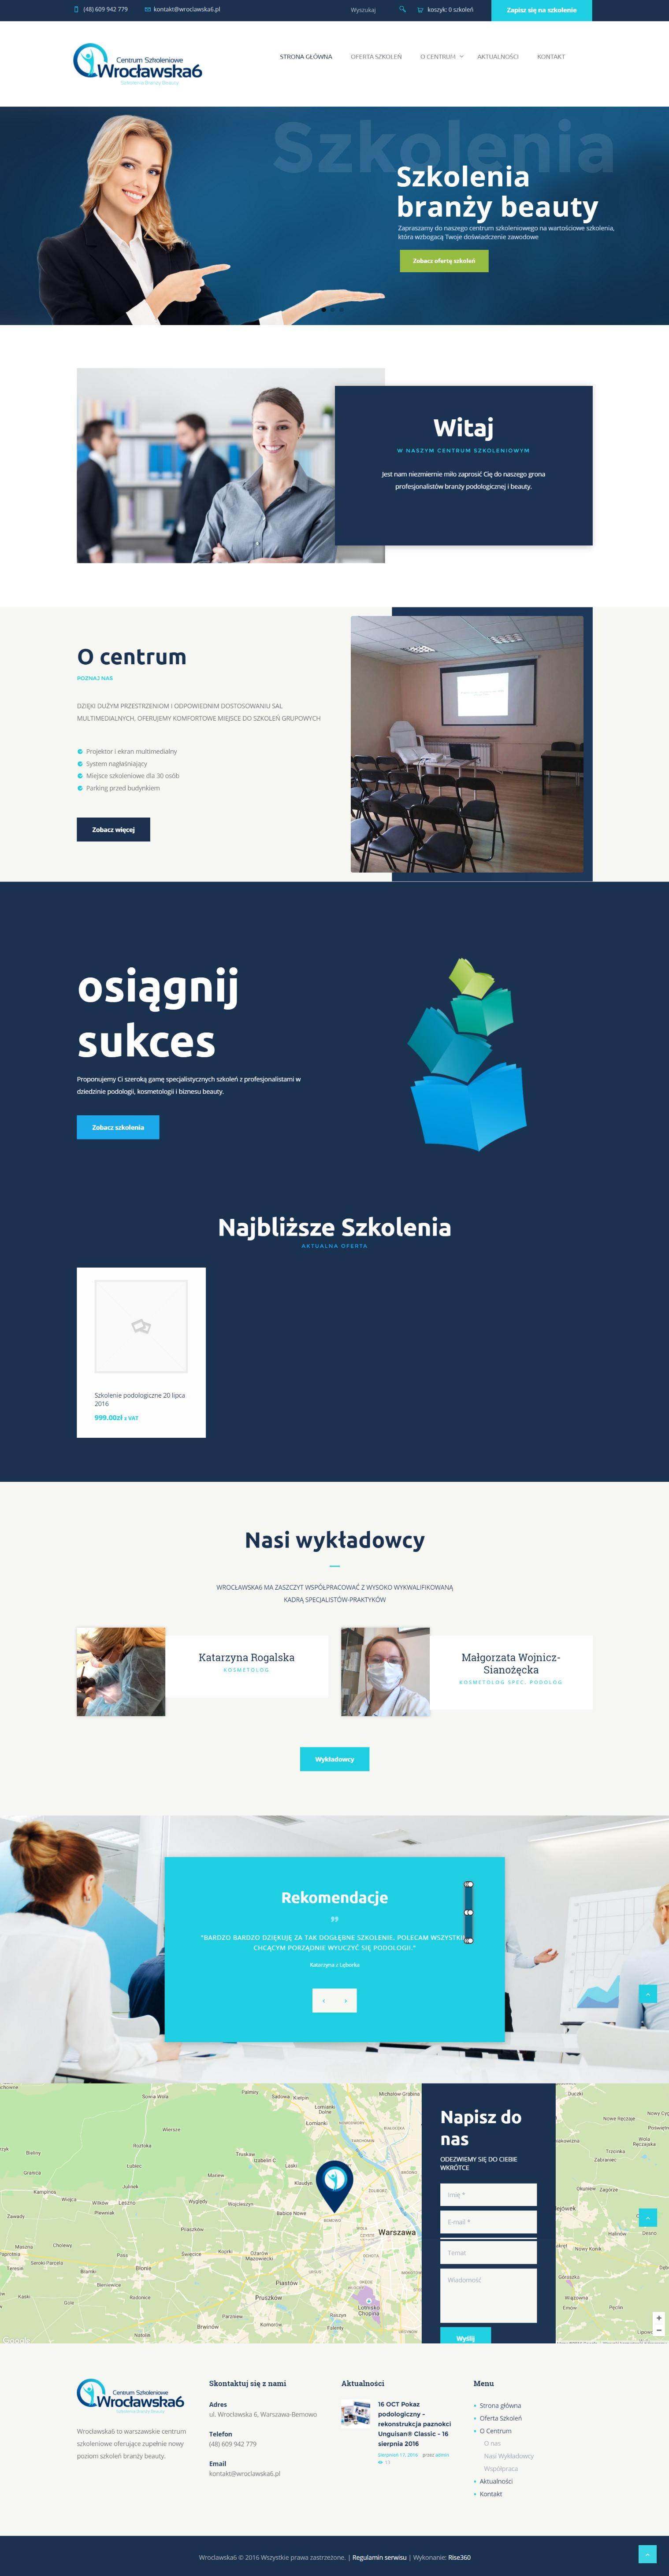 wroclawska6